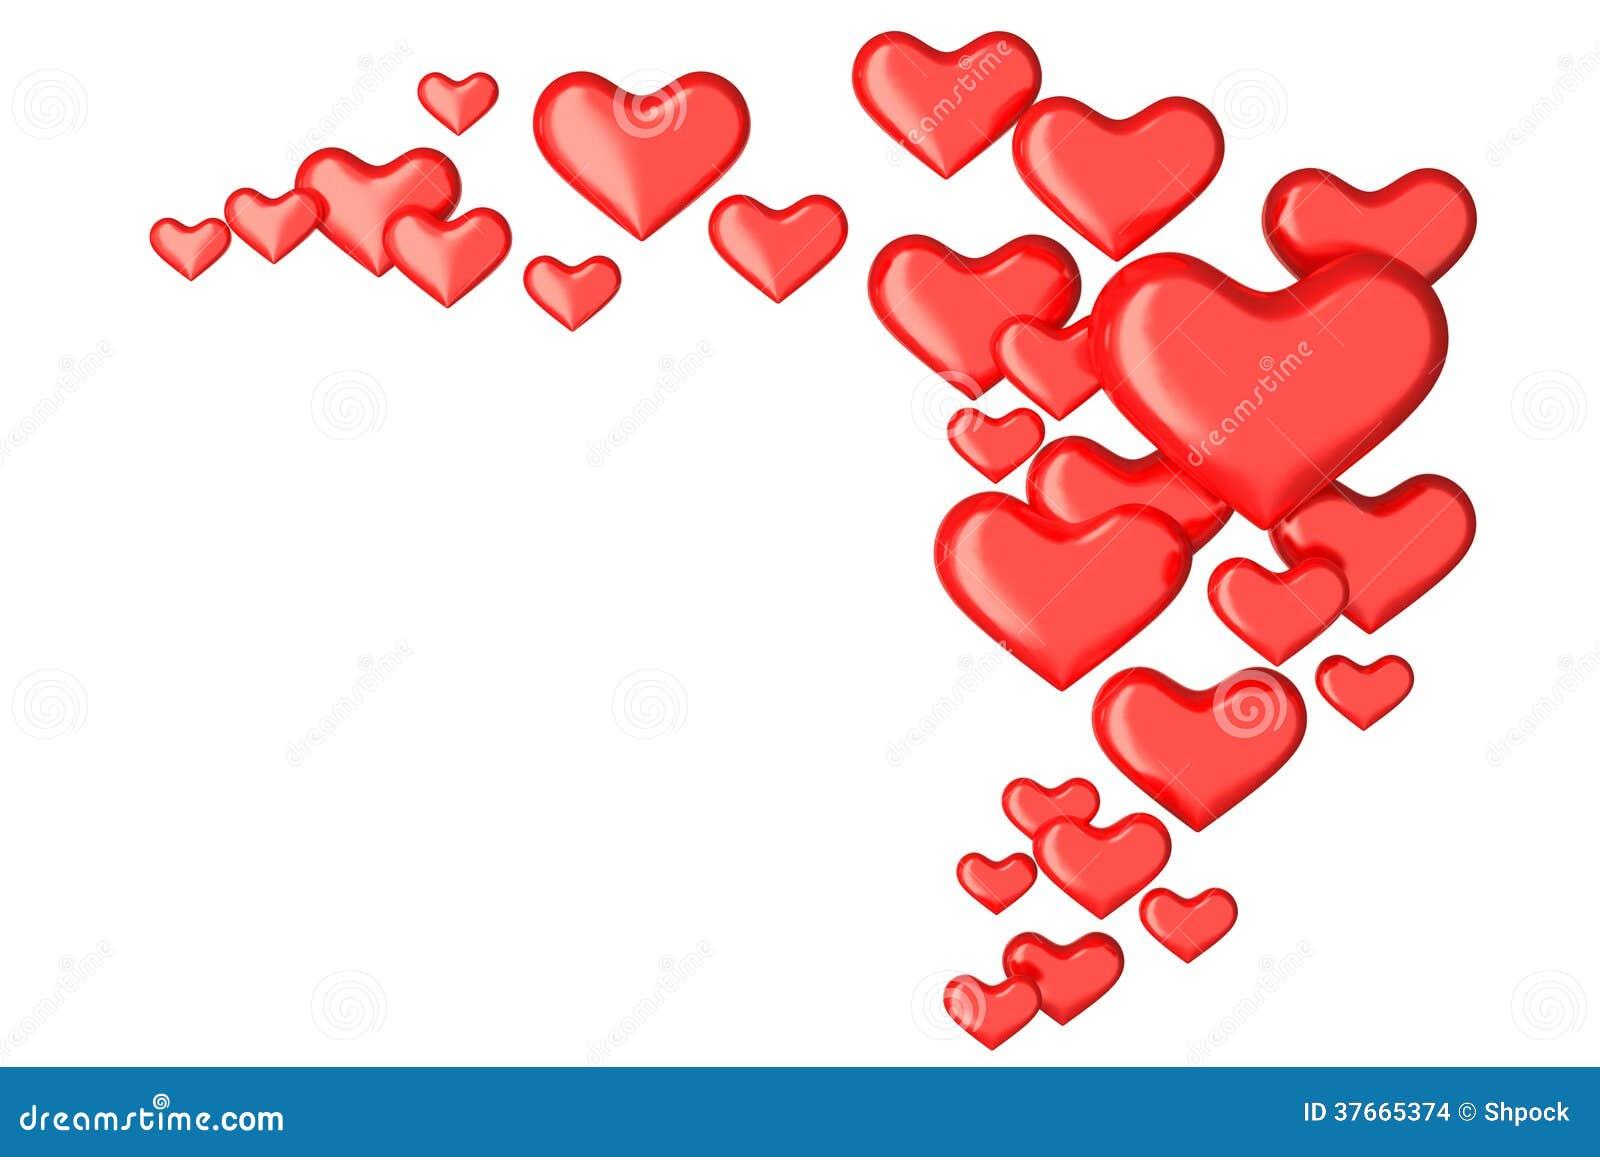 Viele herzen 3d auf wei stockbilder bild 37665374 - Herzchen bilder ...